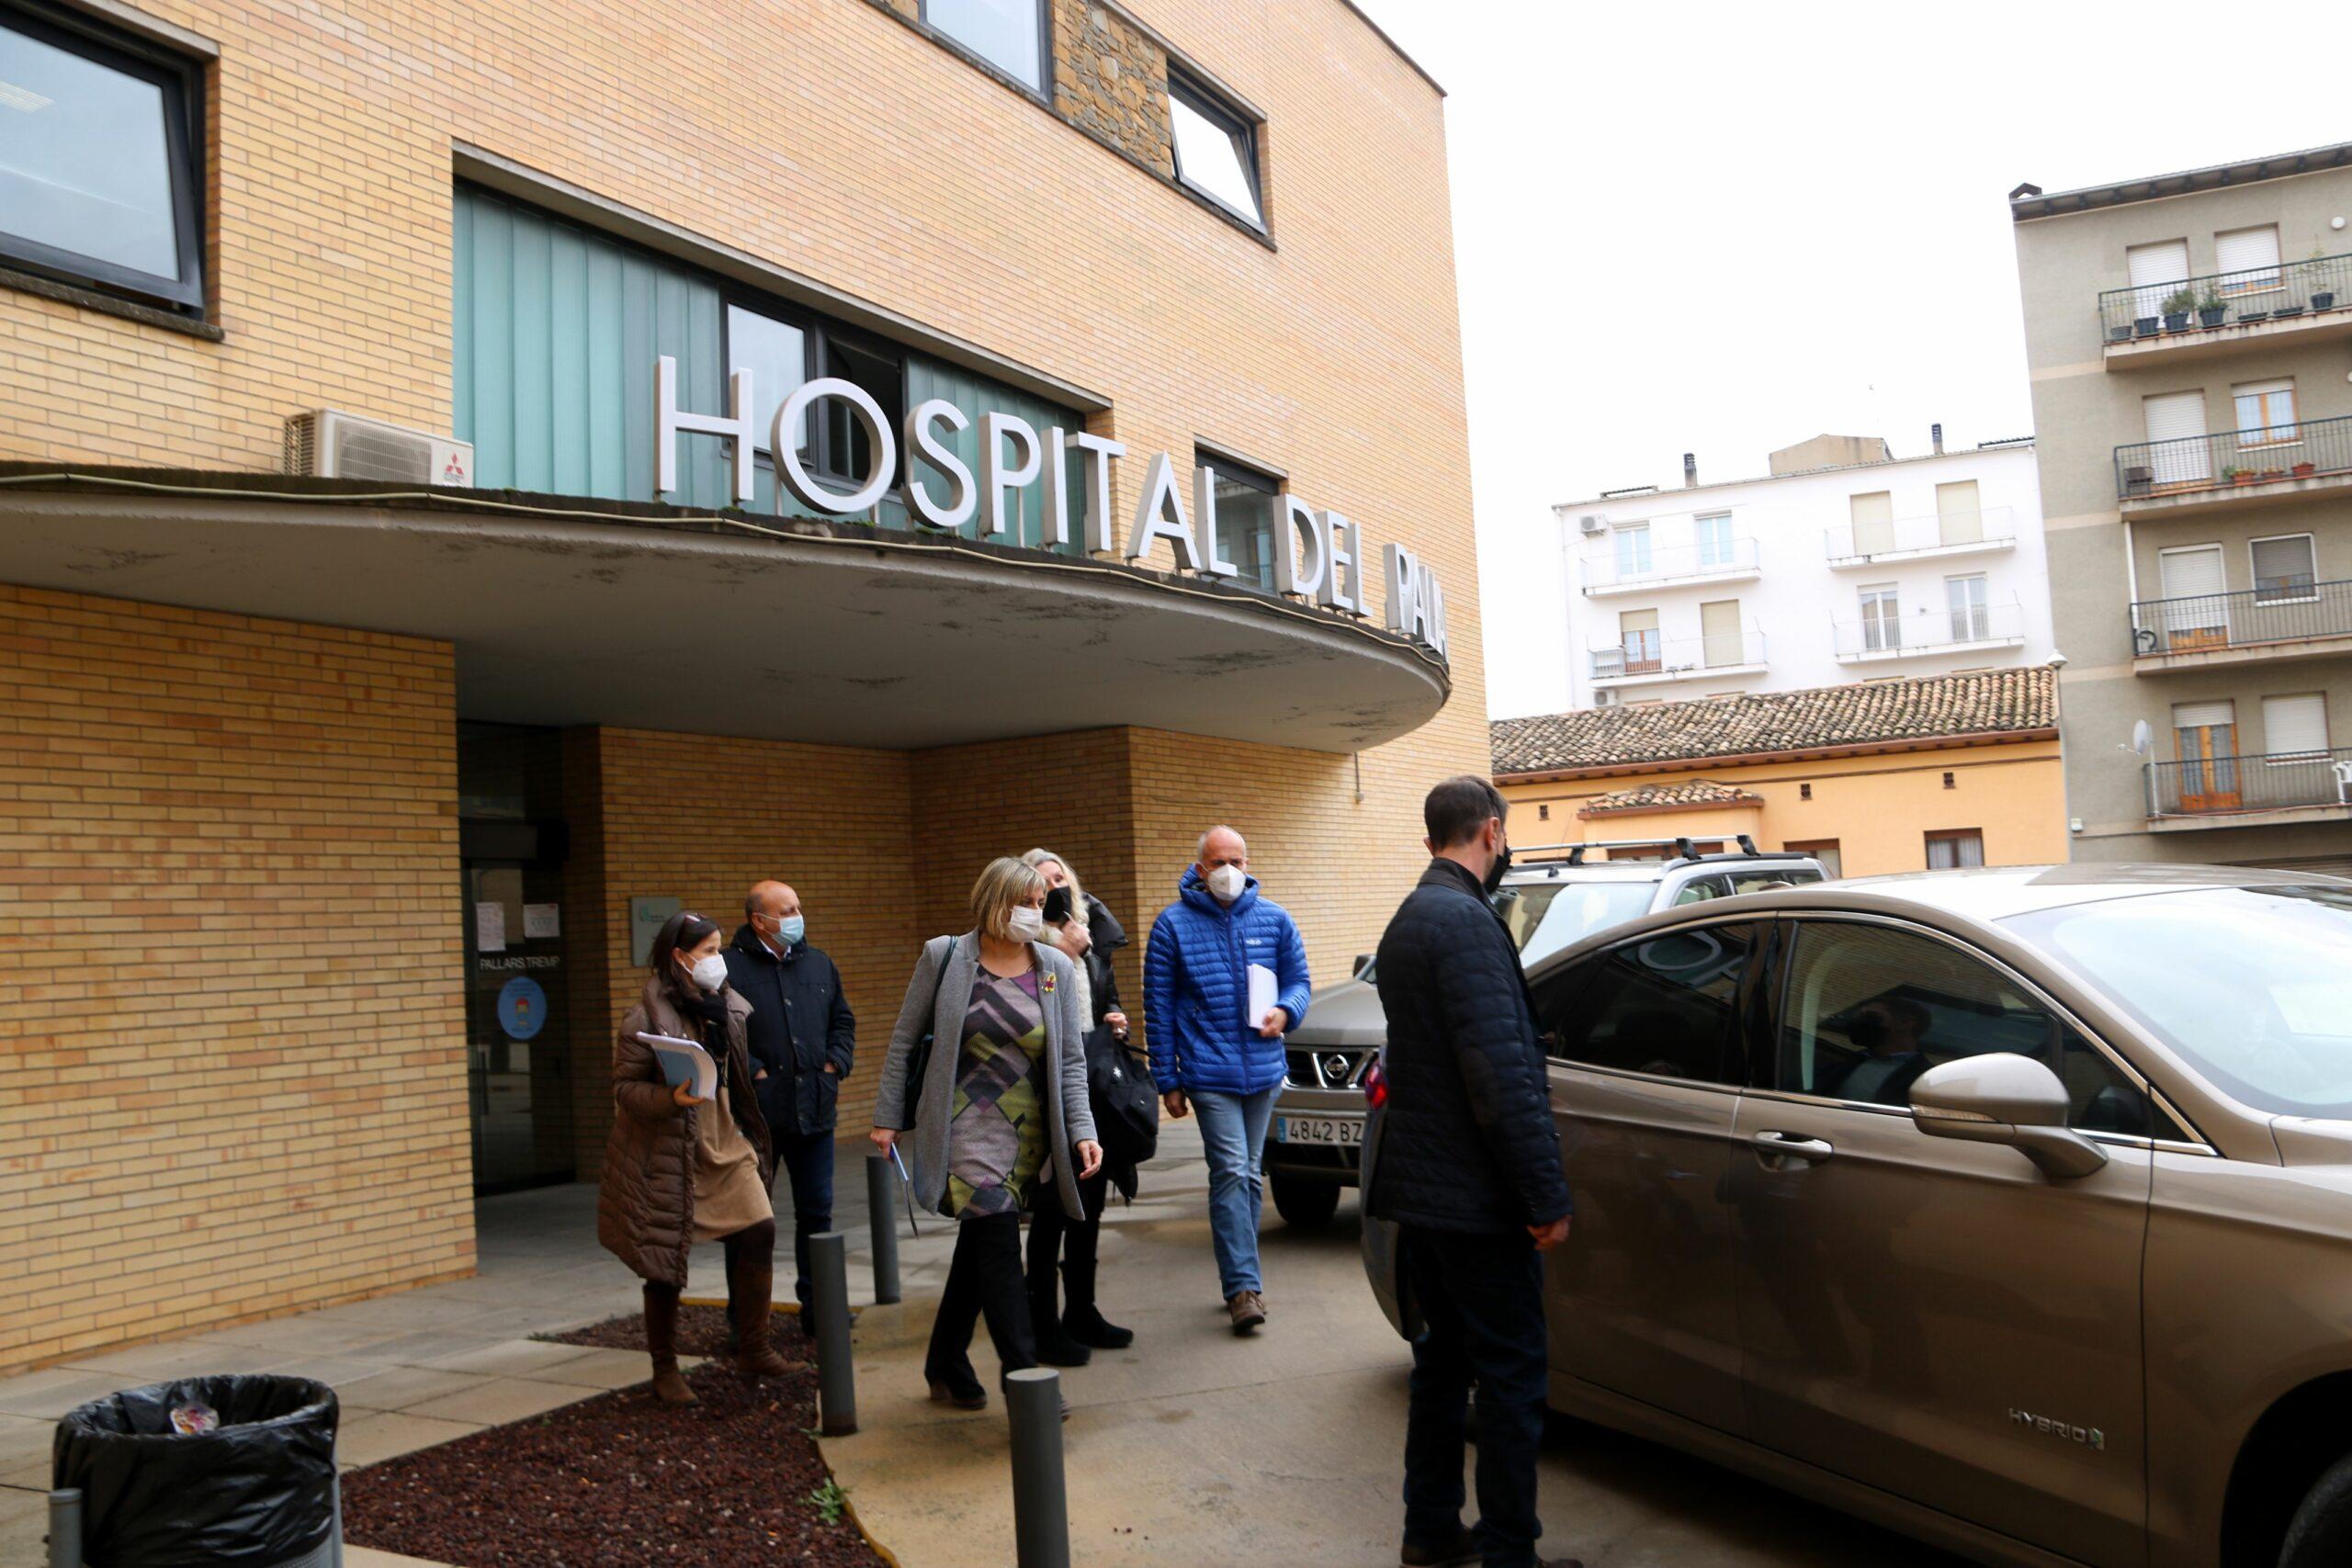 La consellera de Salut, Alba Vergés, sortint de l'Hospital Comarcal del Pallars a Tremp, el 15 de desembre del 2020 / ACN